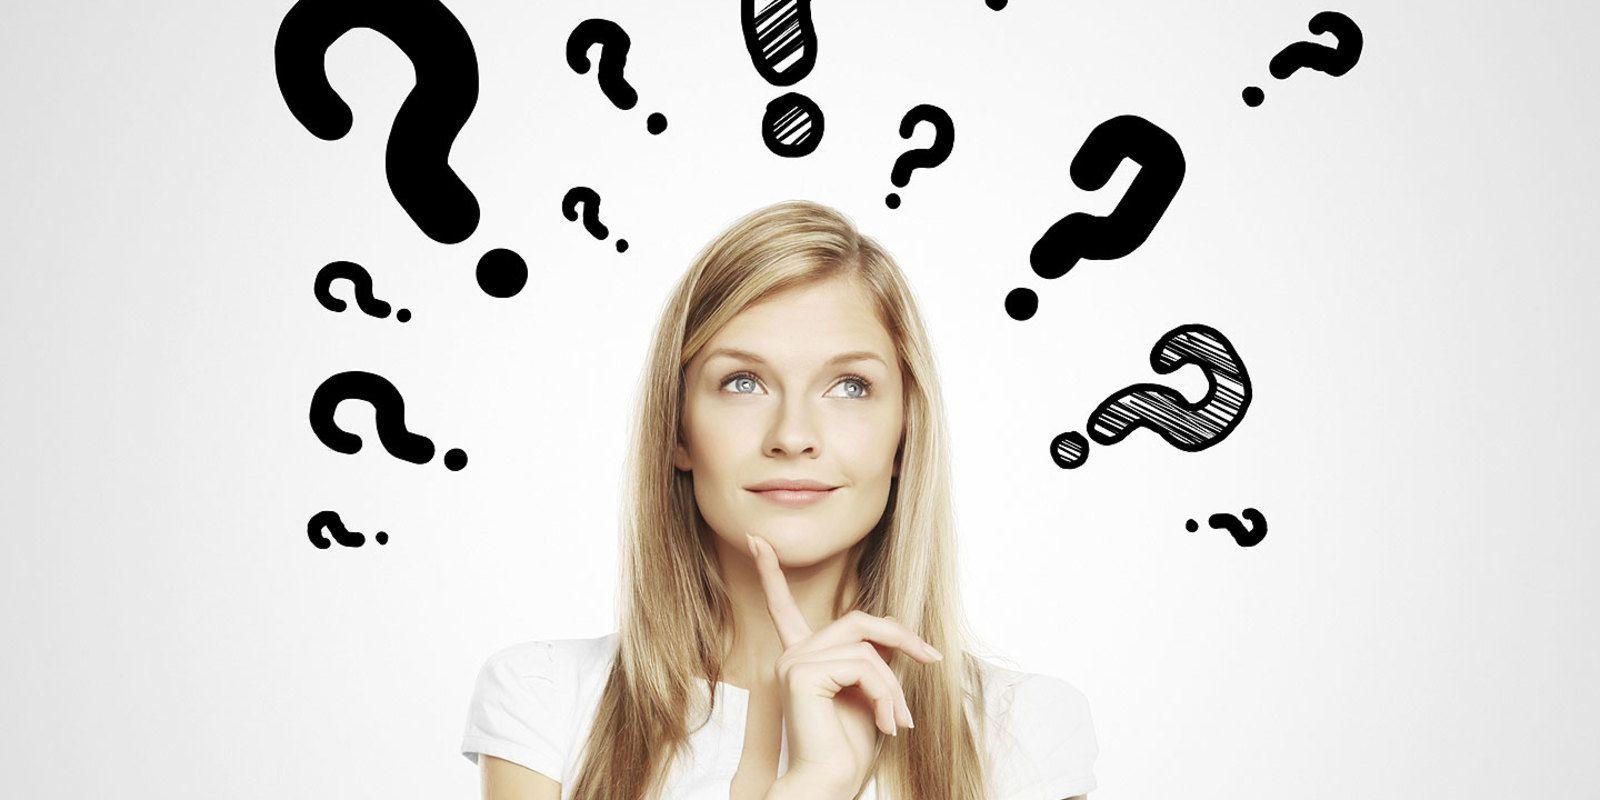 Preguntas_y_respuestas_sobre_sexualidad (1)